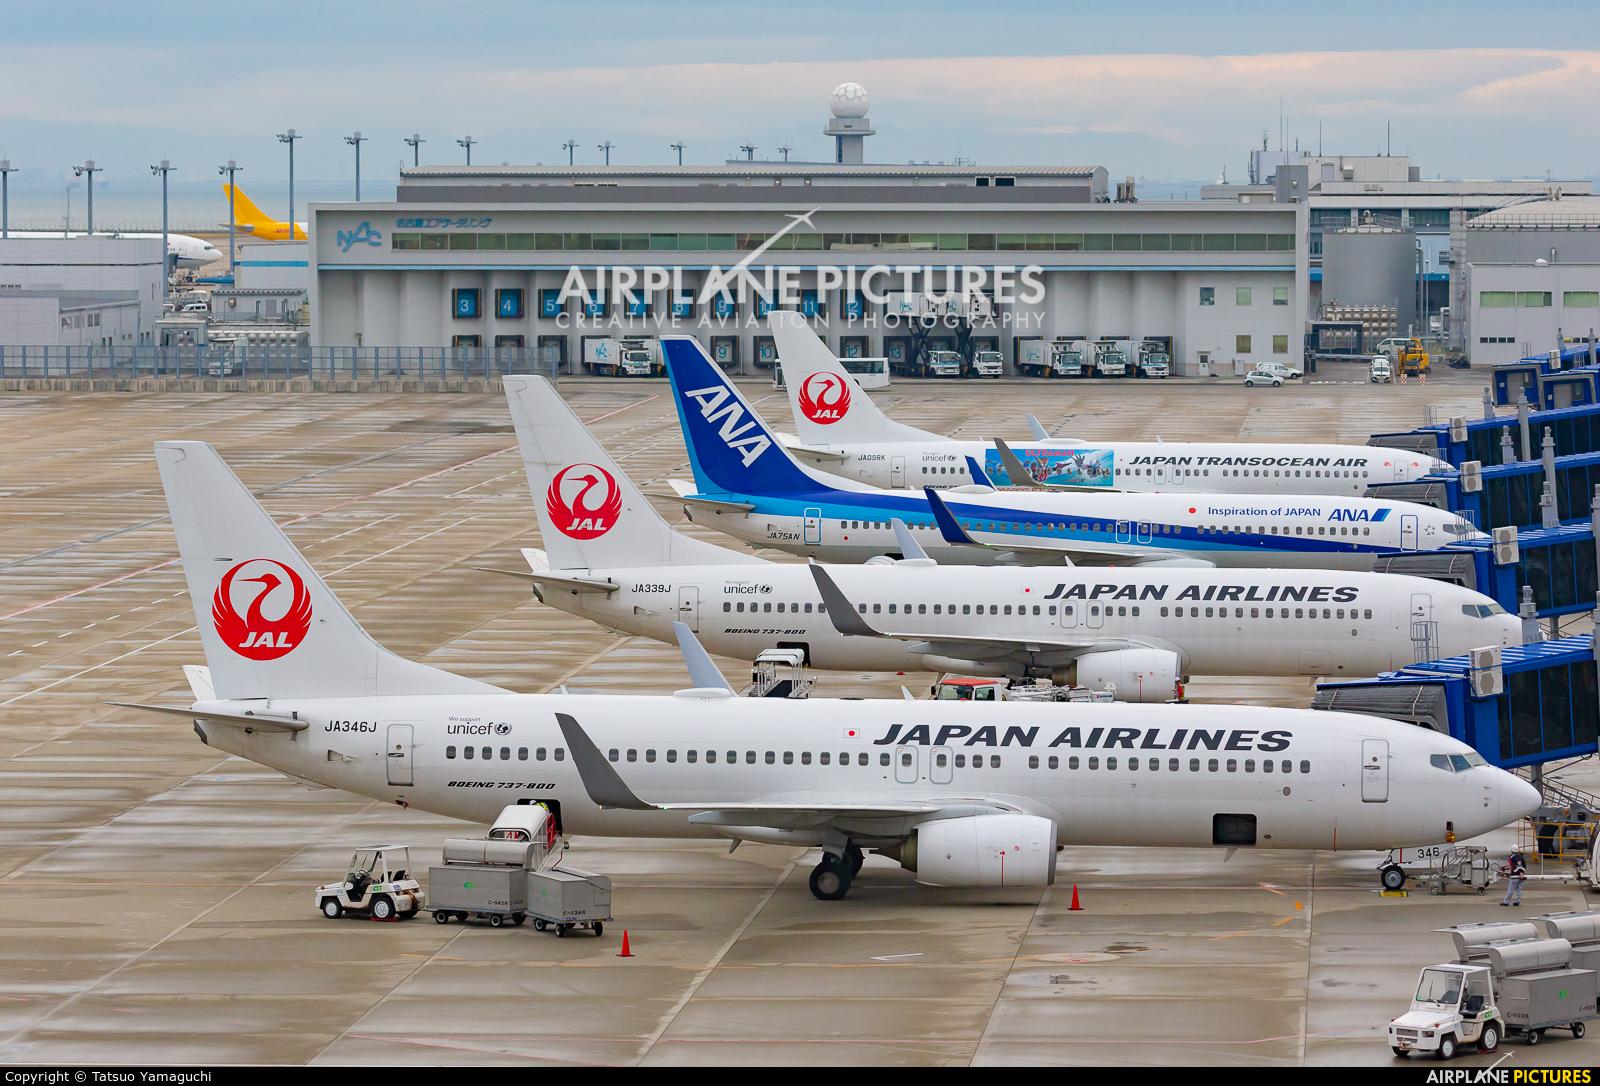 JAL - Japan Airlines JA346J aircraft at Chubu Centrair Intl